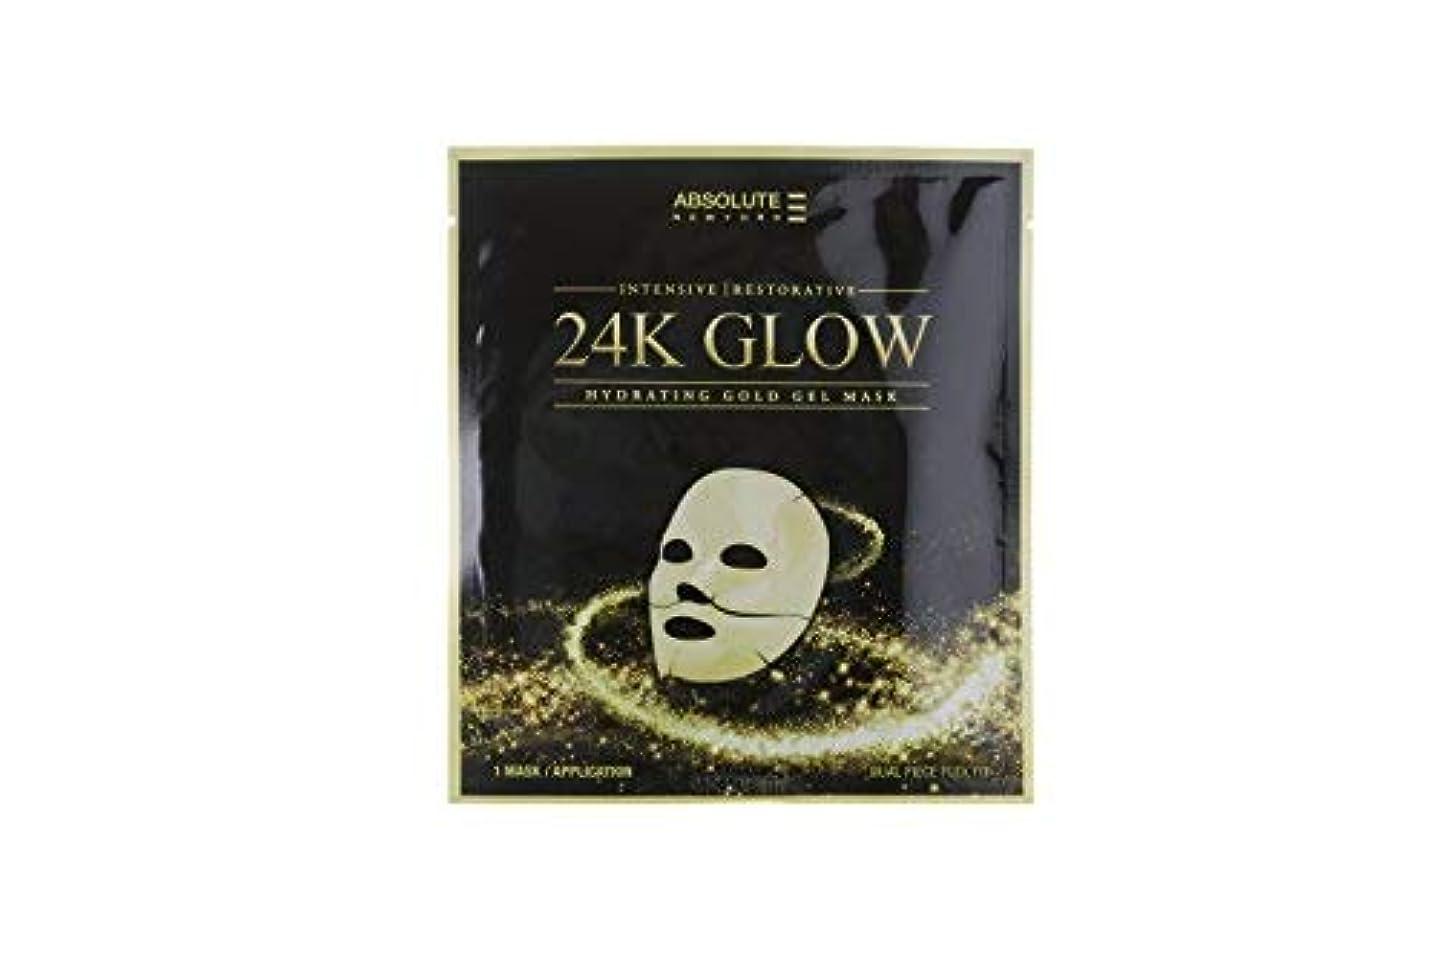 金曜日キャリアソフィーAbsolute 24K Glow Gold Gel Mask (並行輸入品)